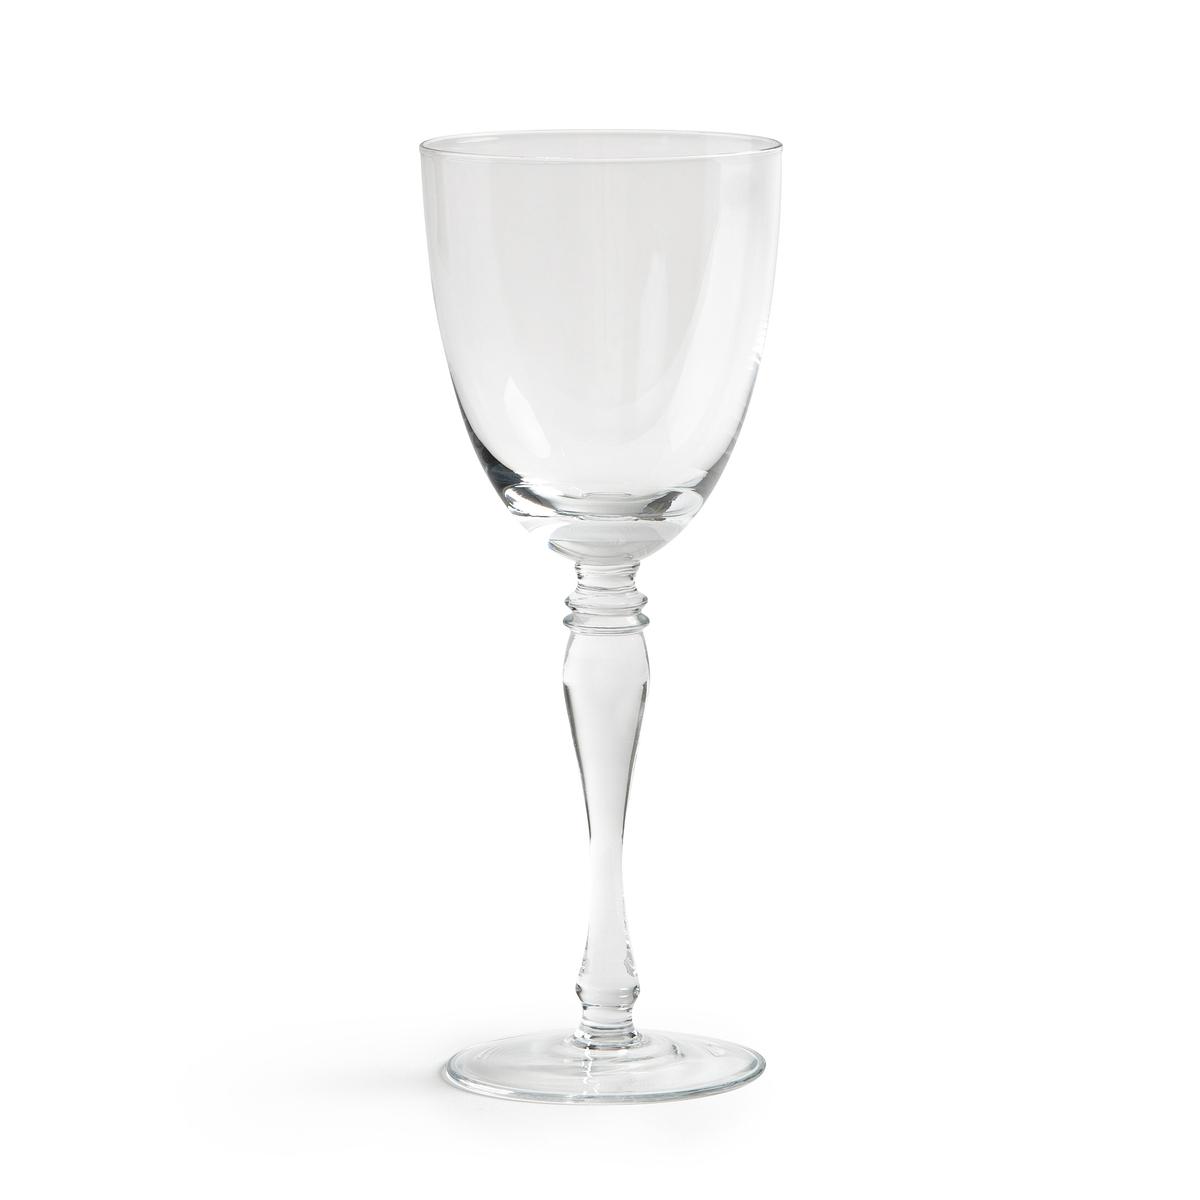 Комплект из 4 бокалов для воды, ALINDAКомплект из 4 бокалов для воды Alinda. Элегантные и изящные бокалы Alinda - обязательный элемент красивого стола.Характеристики 4 бокалов для воды Alinda :- Прозрачные бокалы для воды с внутренним объемом прямой формы- Диаметр : 8,8 / 7,8 см- Высота : 22,5 см- Подходят для мытья в посудомоечной машине- В комплекте 4 бокала<br><br>Цвет: прозрачный<br>Размер: единый размер